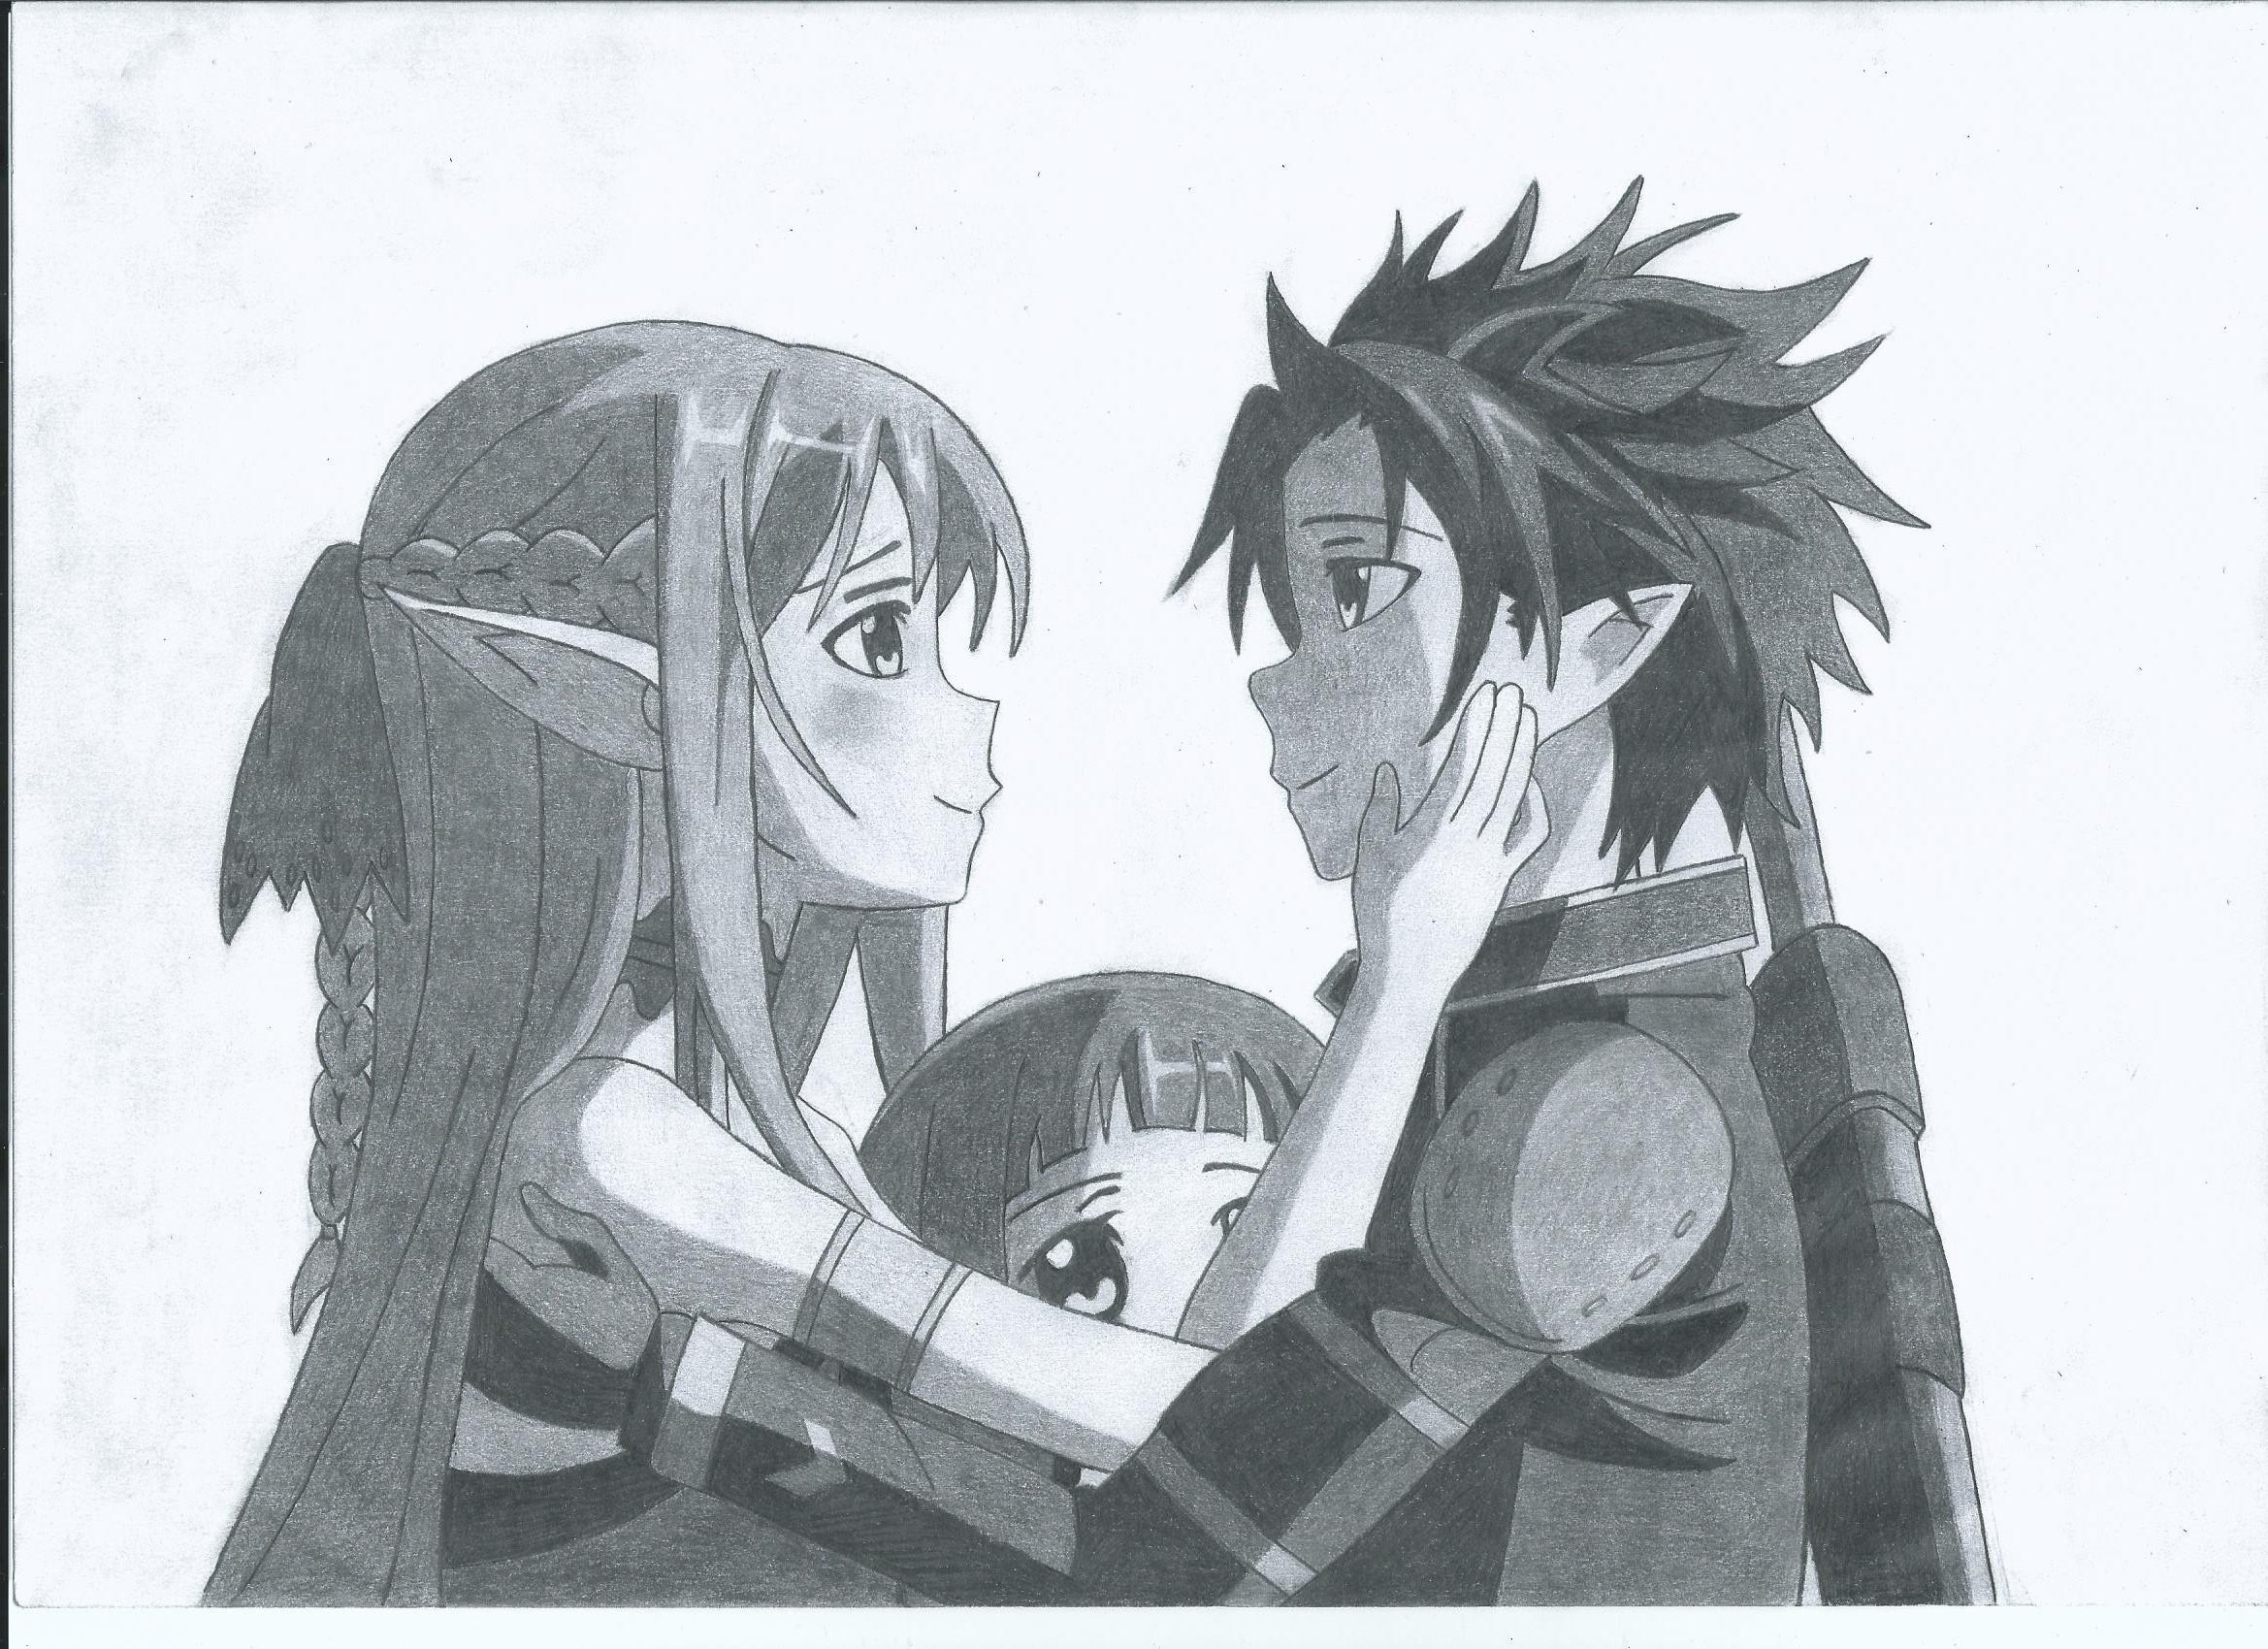 Kirito asuna and yui by nogah on deviantart